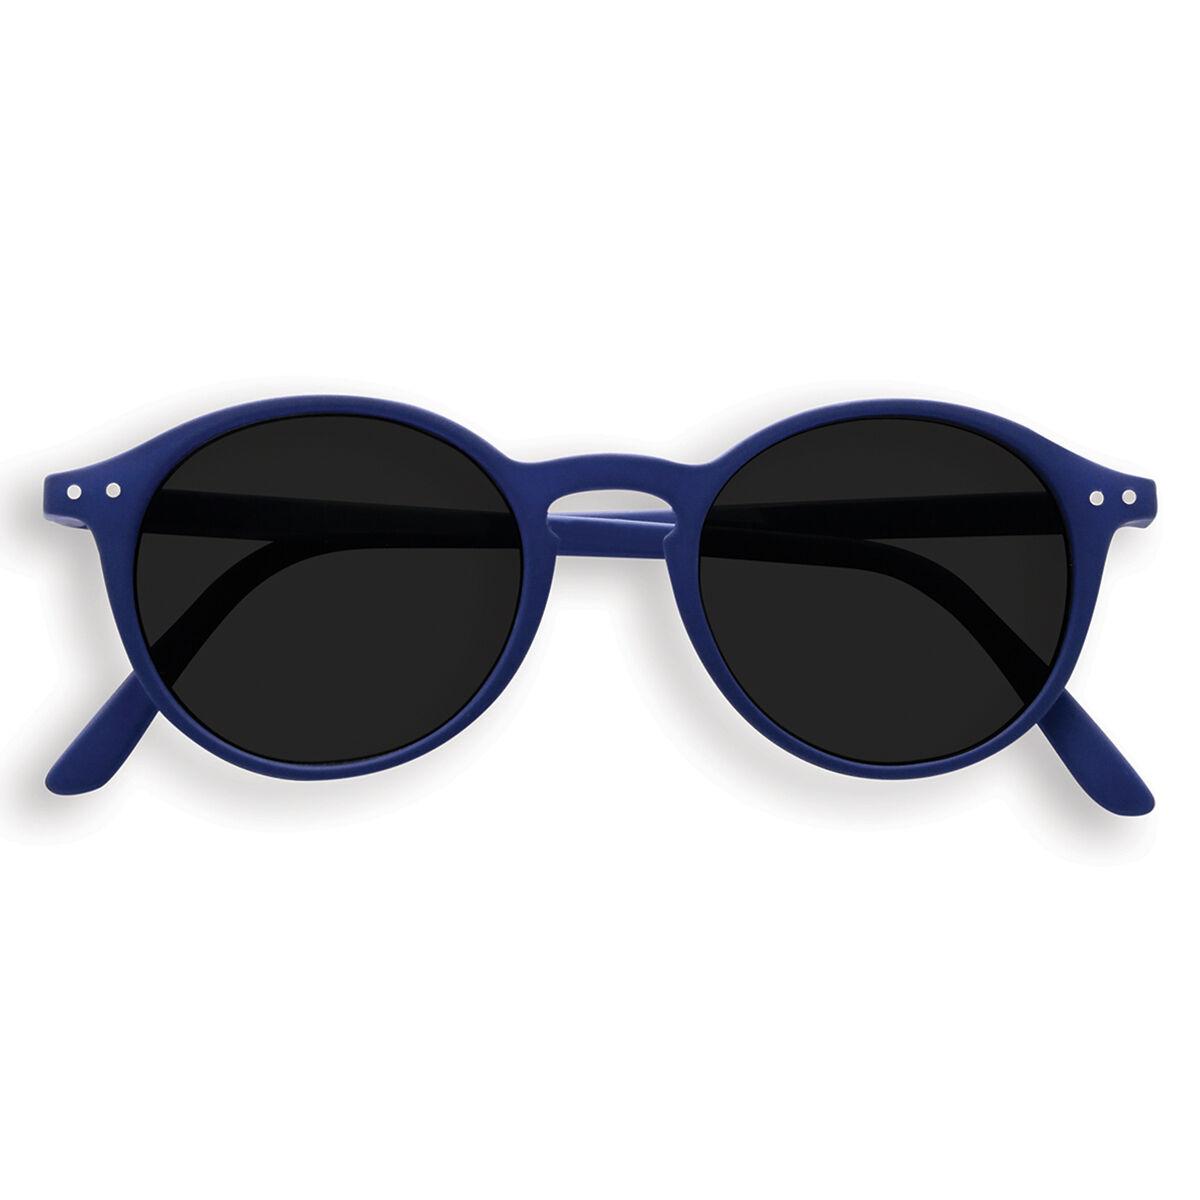 IZIPIZI Lunettes de Soleil Sun Junior D 5/10 Ans - Navy Blue